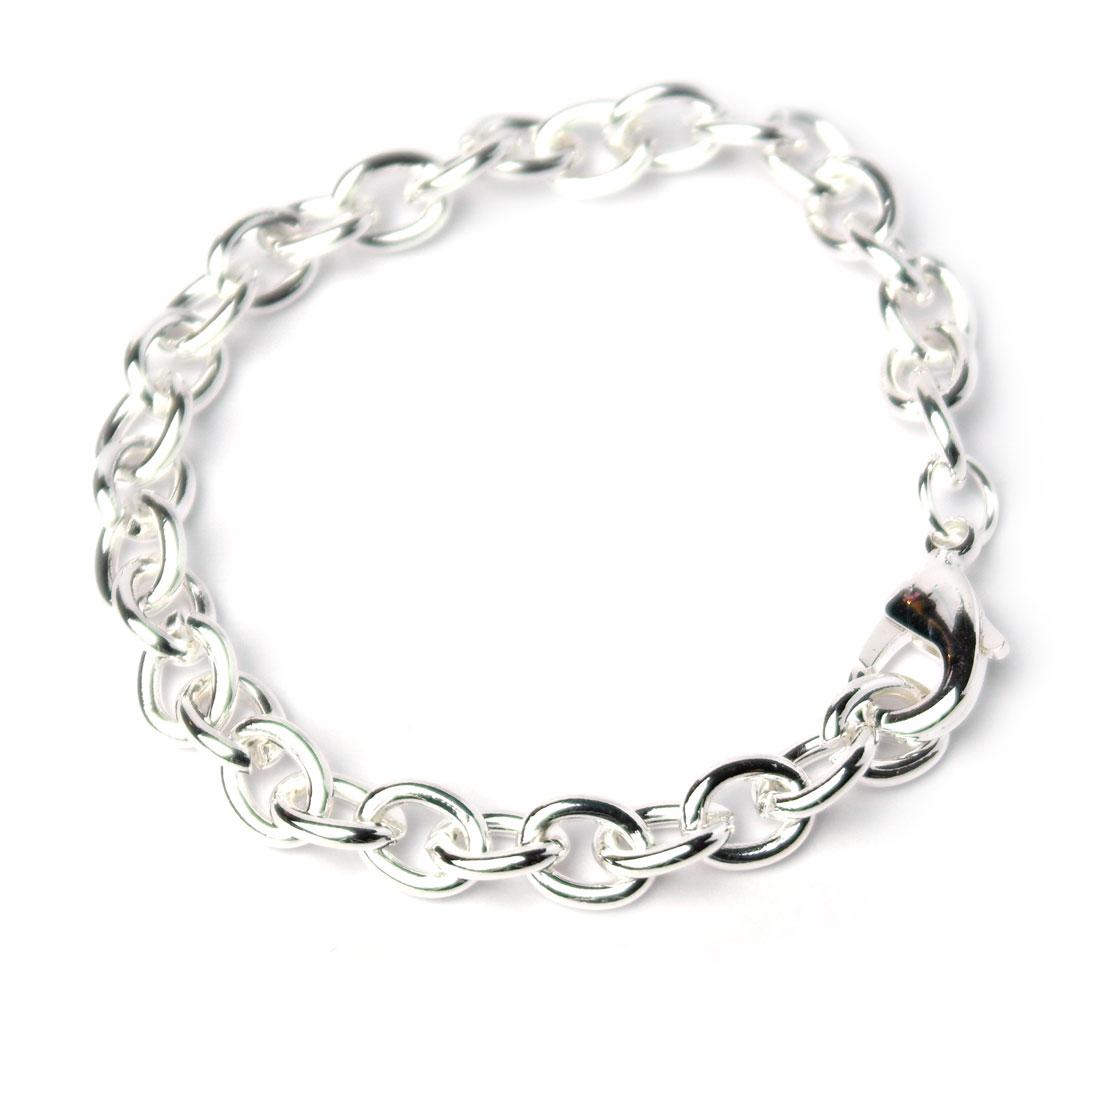 am besten einkaufen Details für Genieße am niedrigsten Preis Edles Damen Glieder-Armband 925 silber plated